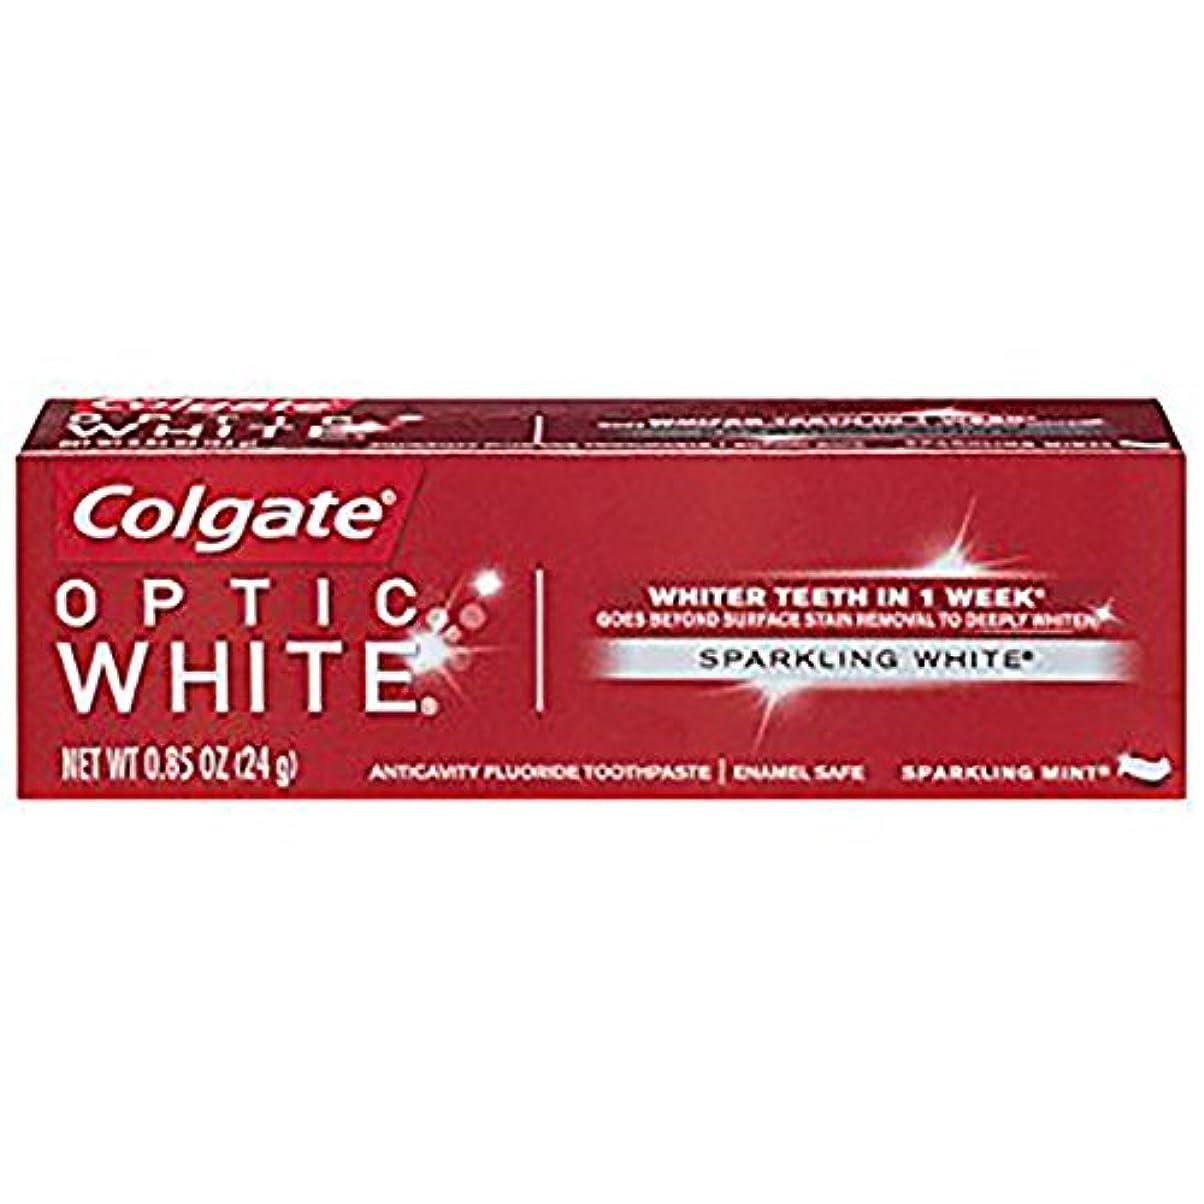 ファックス禁じる腹痛コルゲート ホワイトニング Colgate 24g Optic White Sparkling White 白い歯 歯磨き粉 ミント